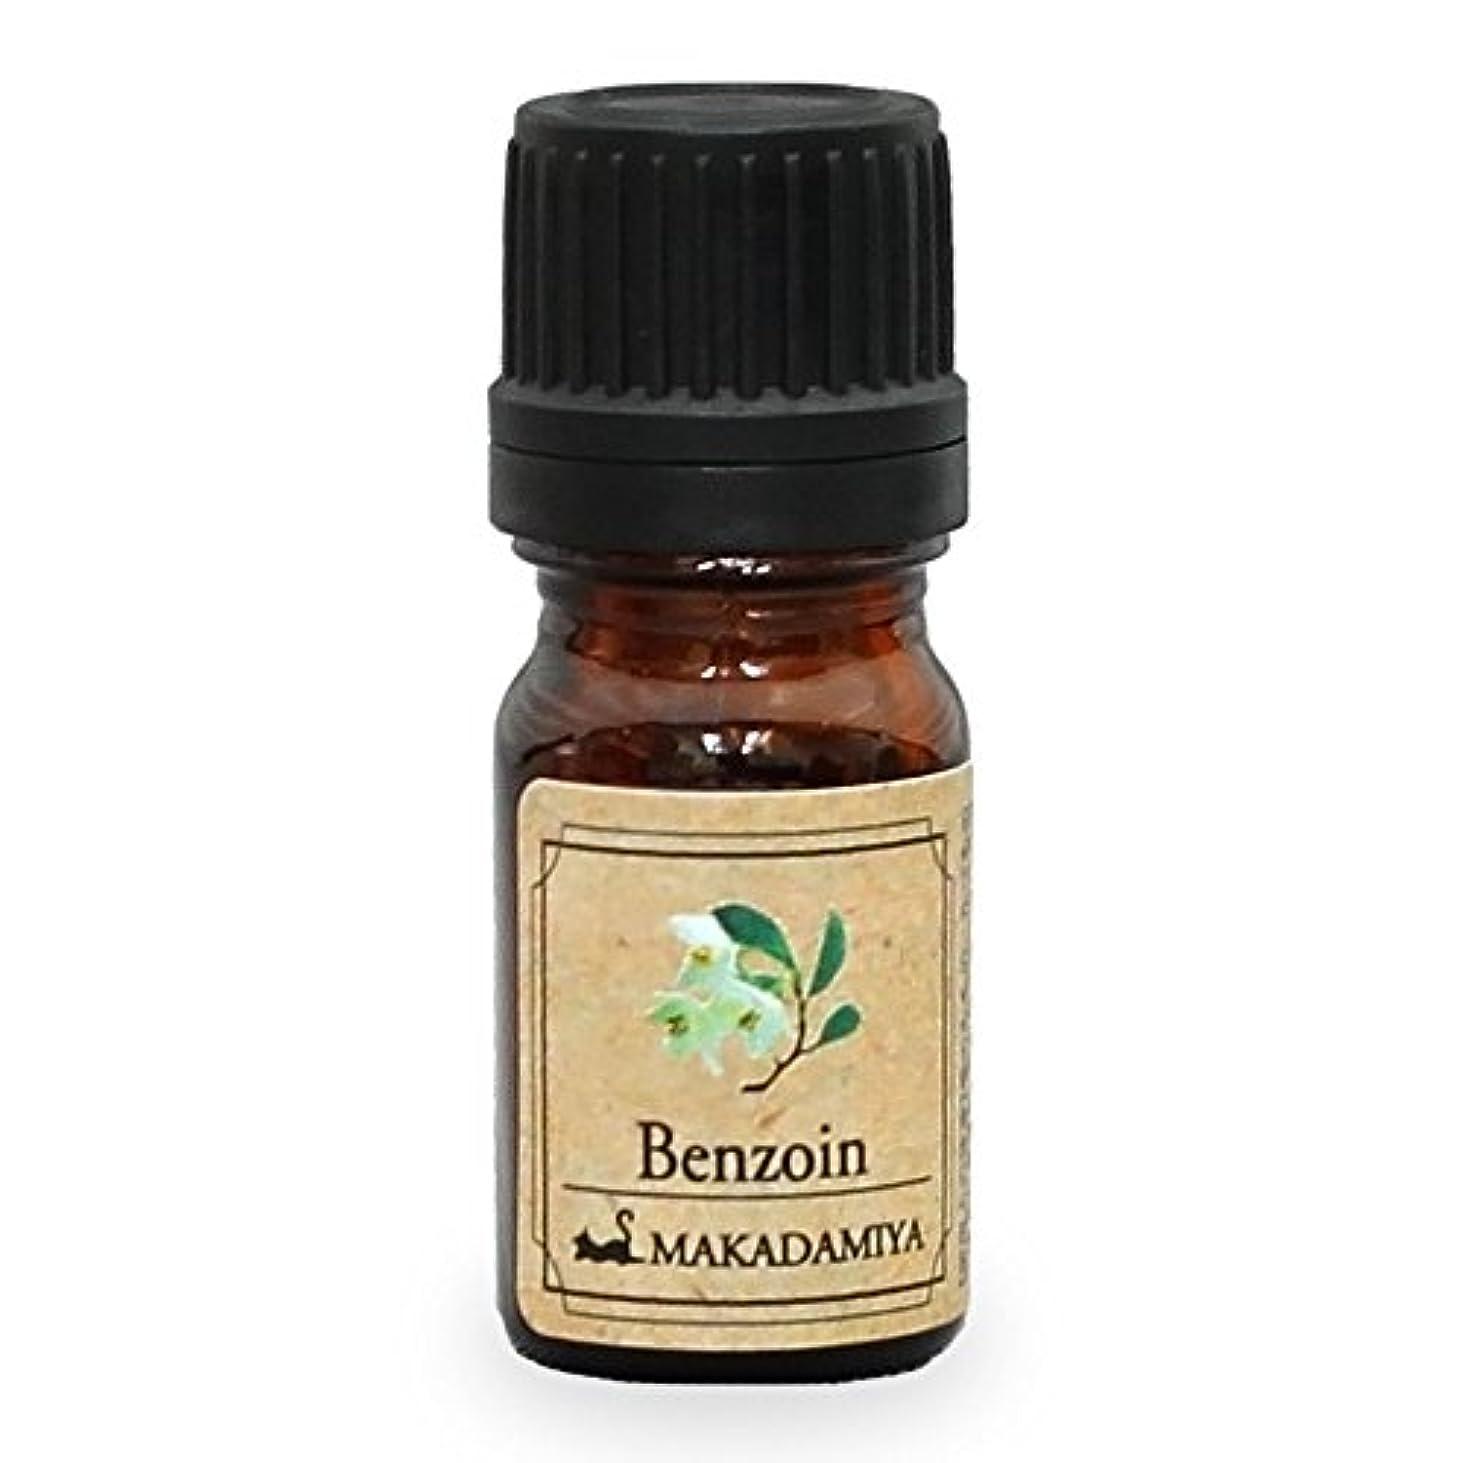 受ける控えめなジョグベンゾイン5ml天然100%植物性エッセンシャルオイル(精油)アロマオイルアロママッサージアロマテラピーaroma Benzoin